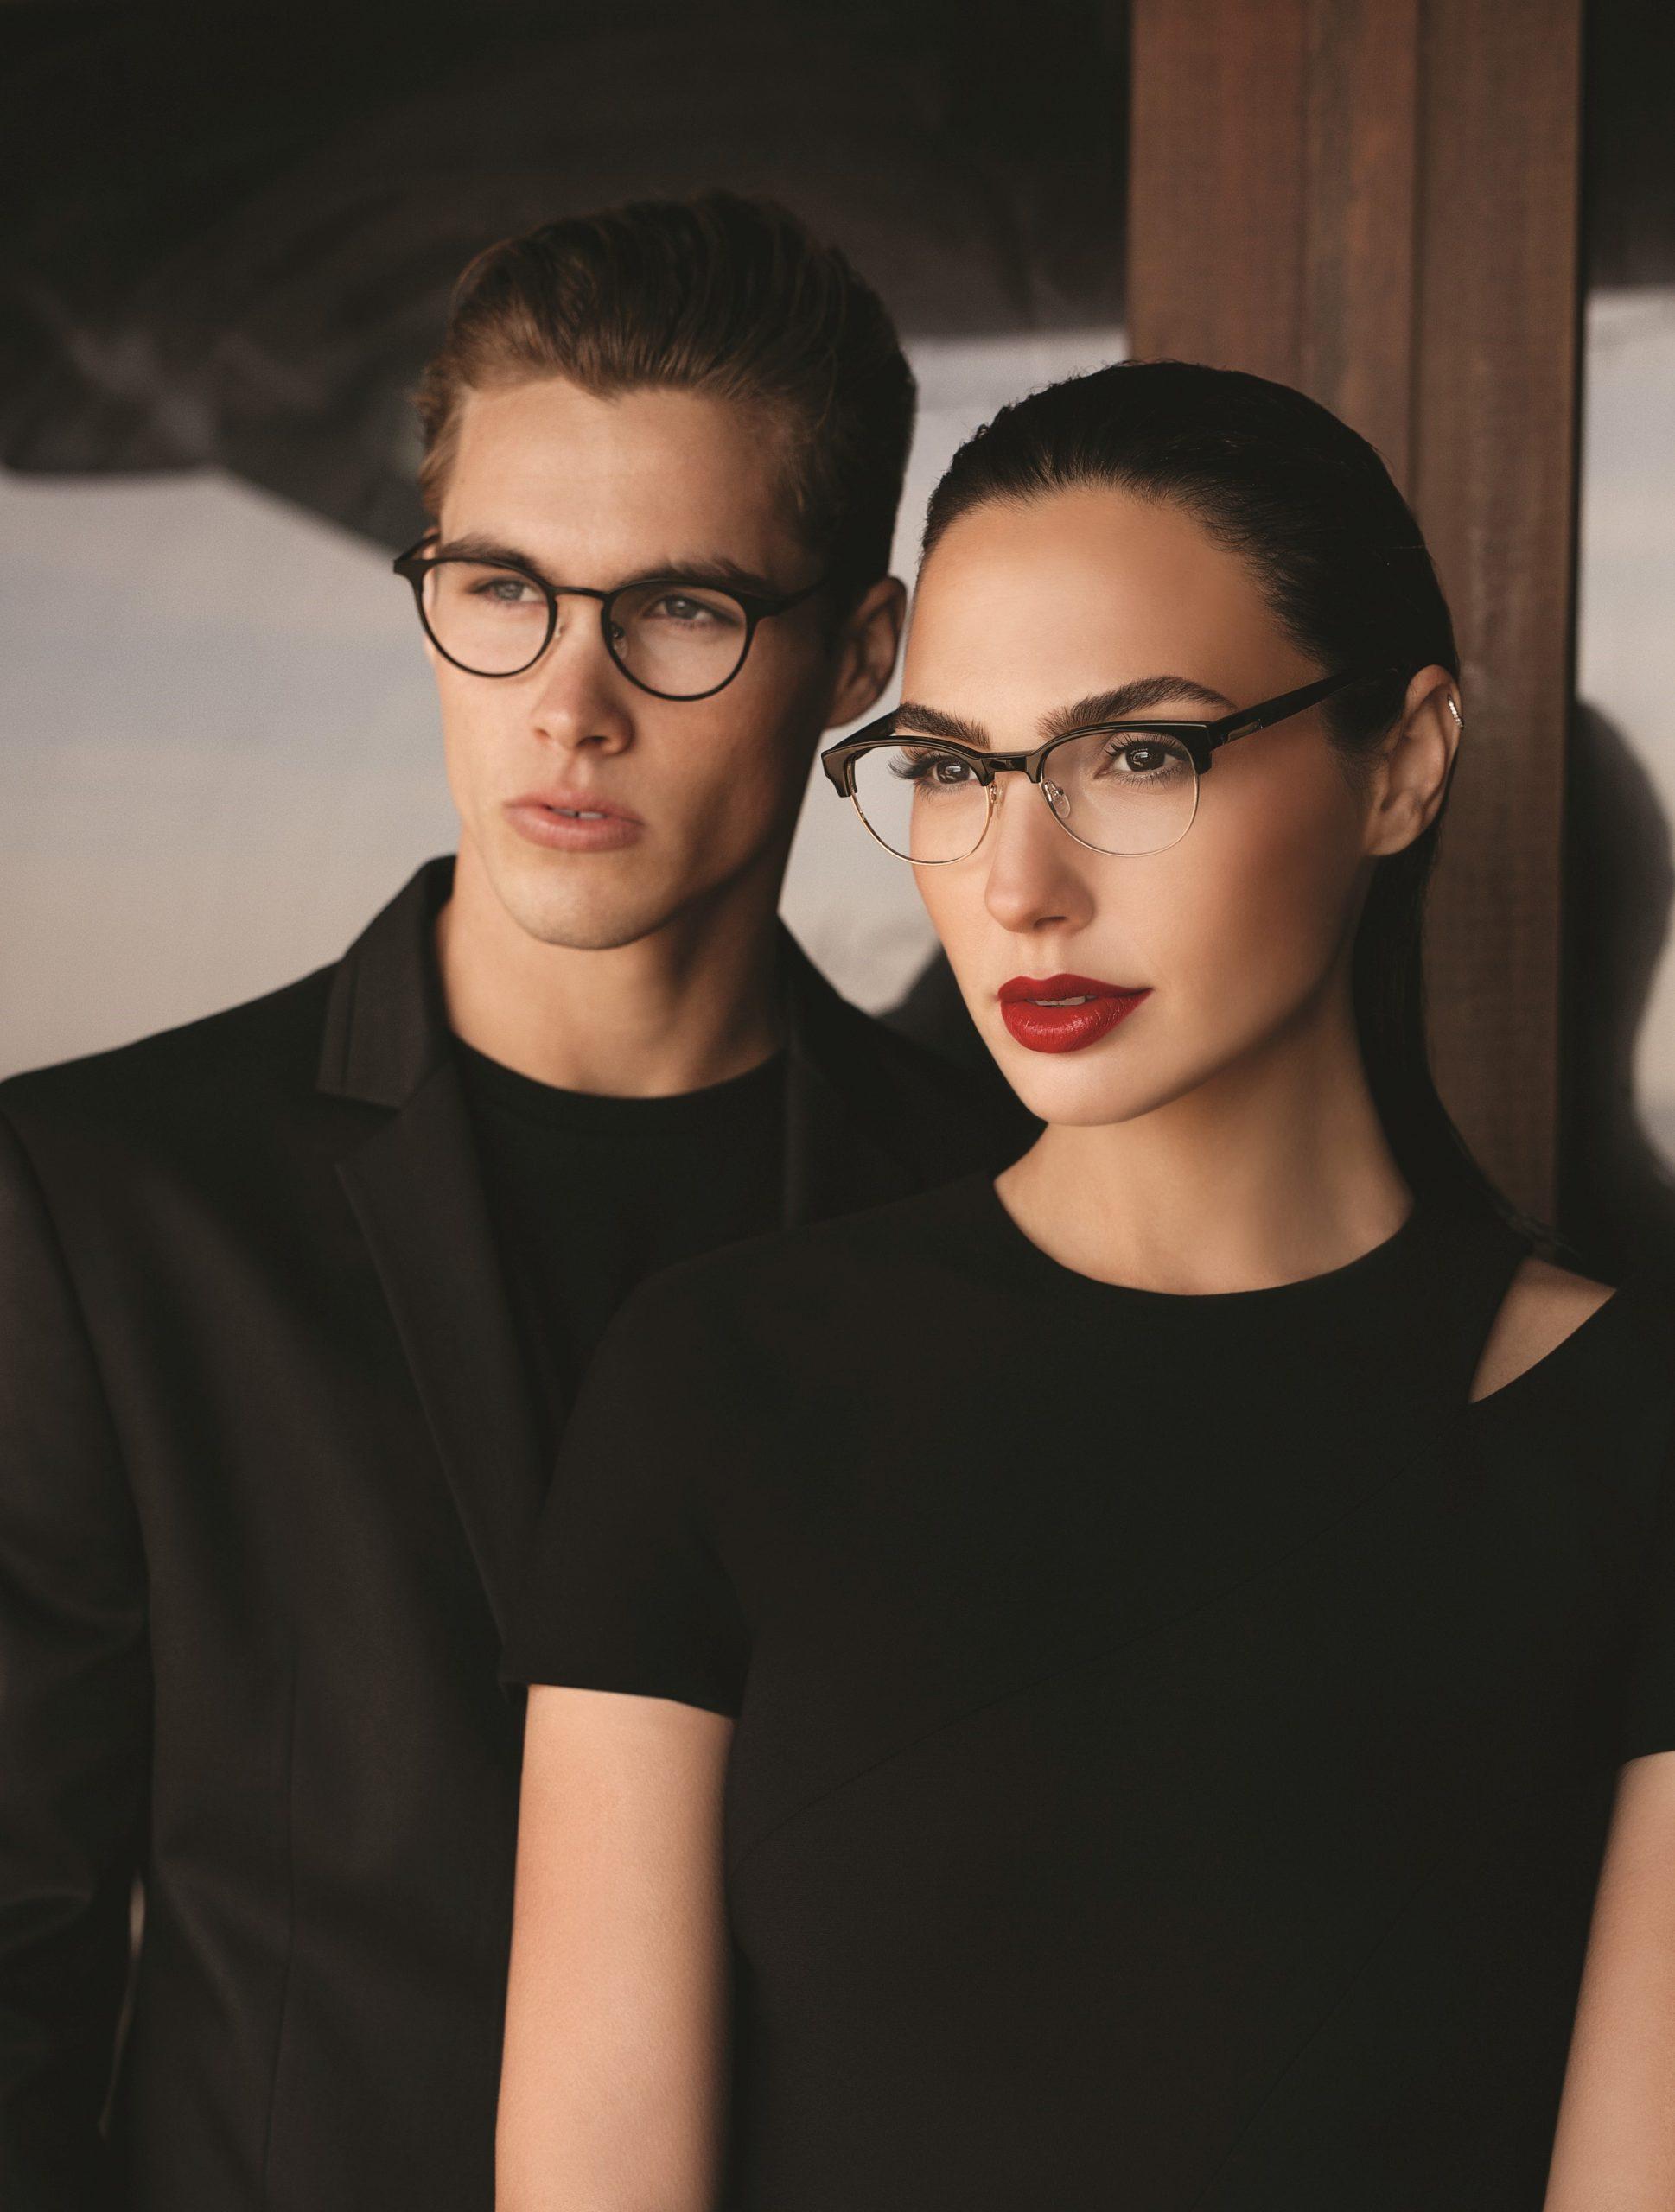 לראות מבעד לעדשה: משקפי ראיה ברשת ERROCA